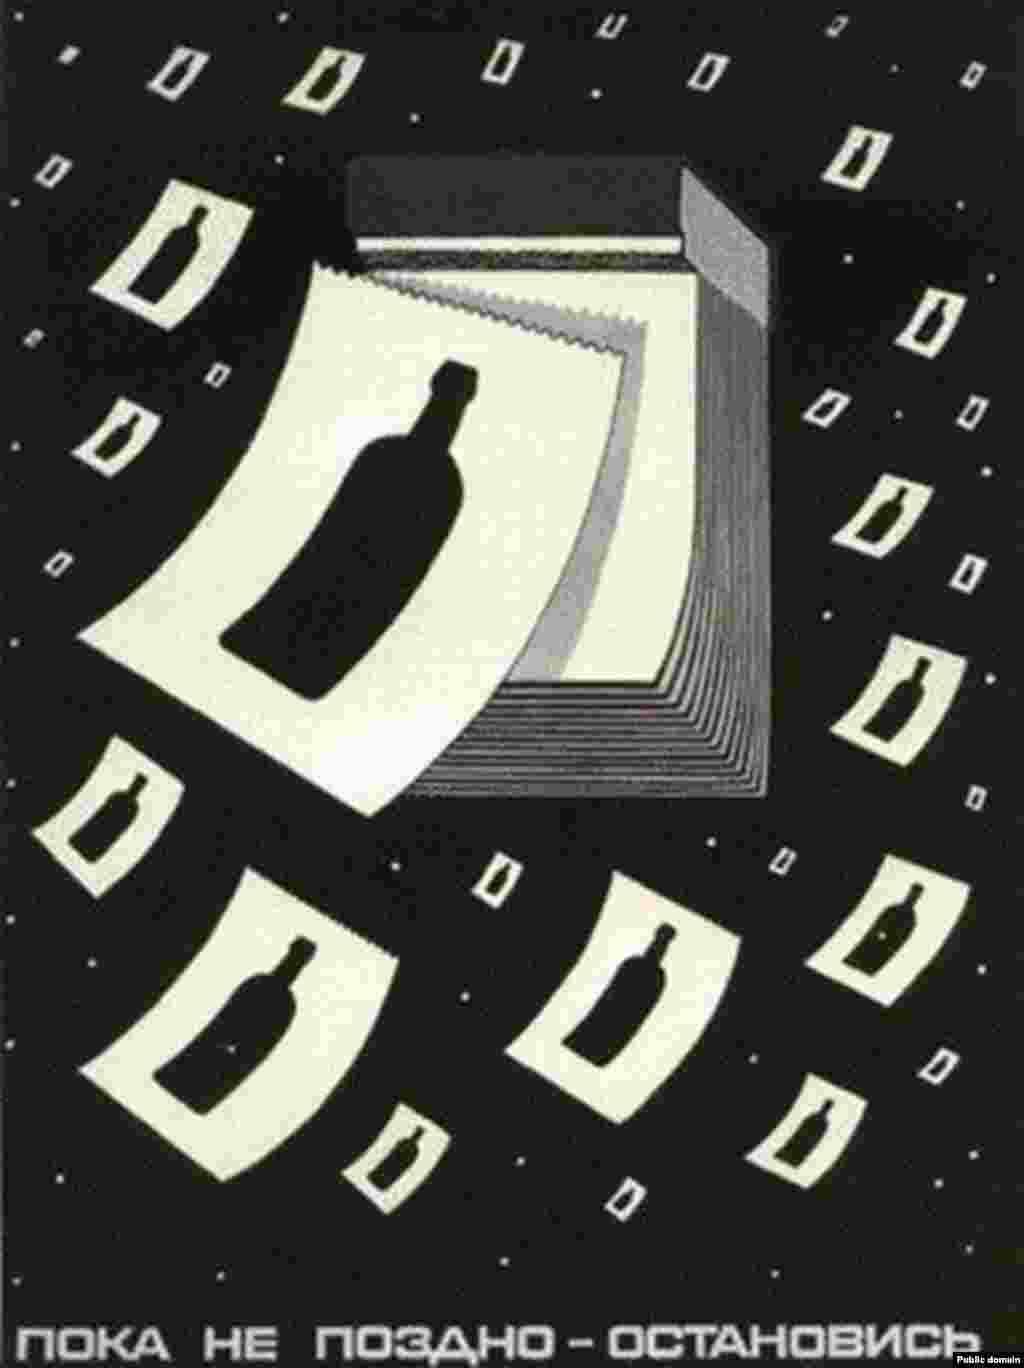 """""""Спри преди да е станало късно"""". Този плакат от 1972 г. предупреждава, че дните отминават бързо с помощта на алкохола."""